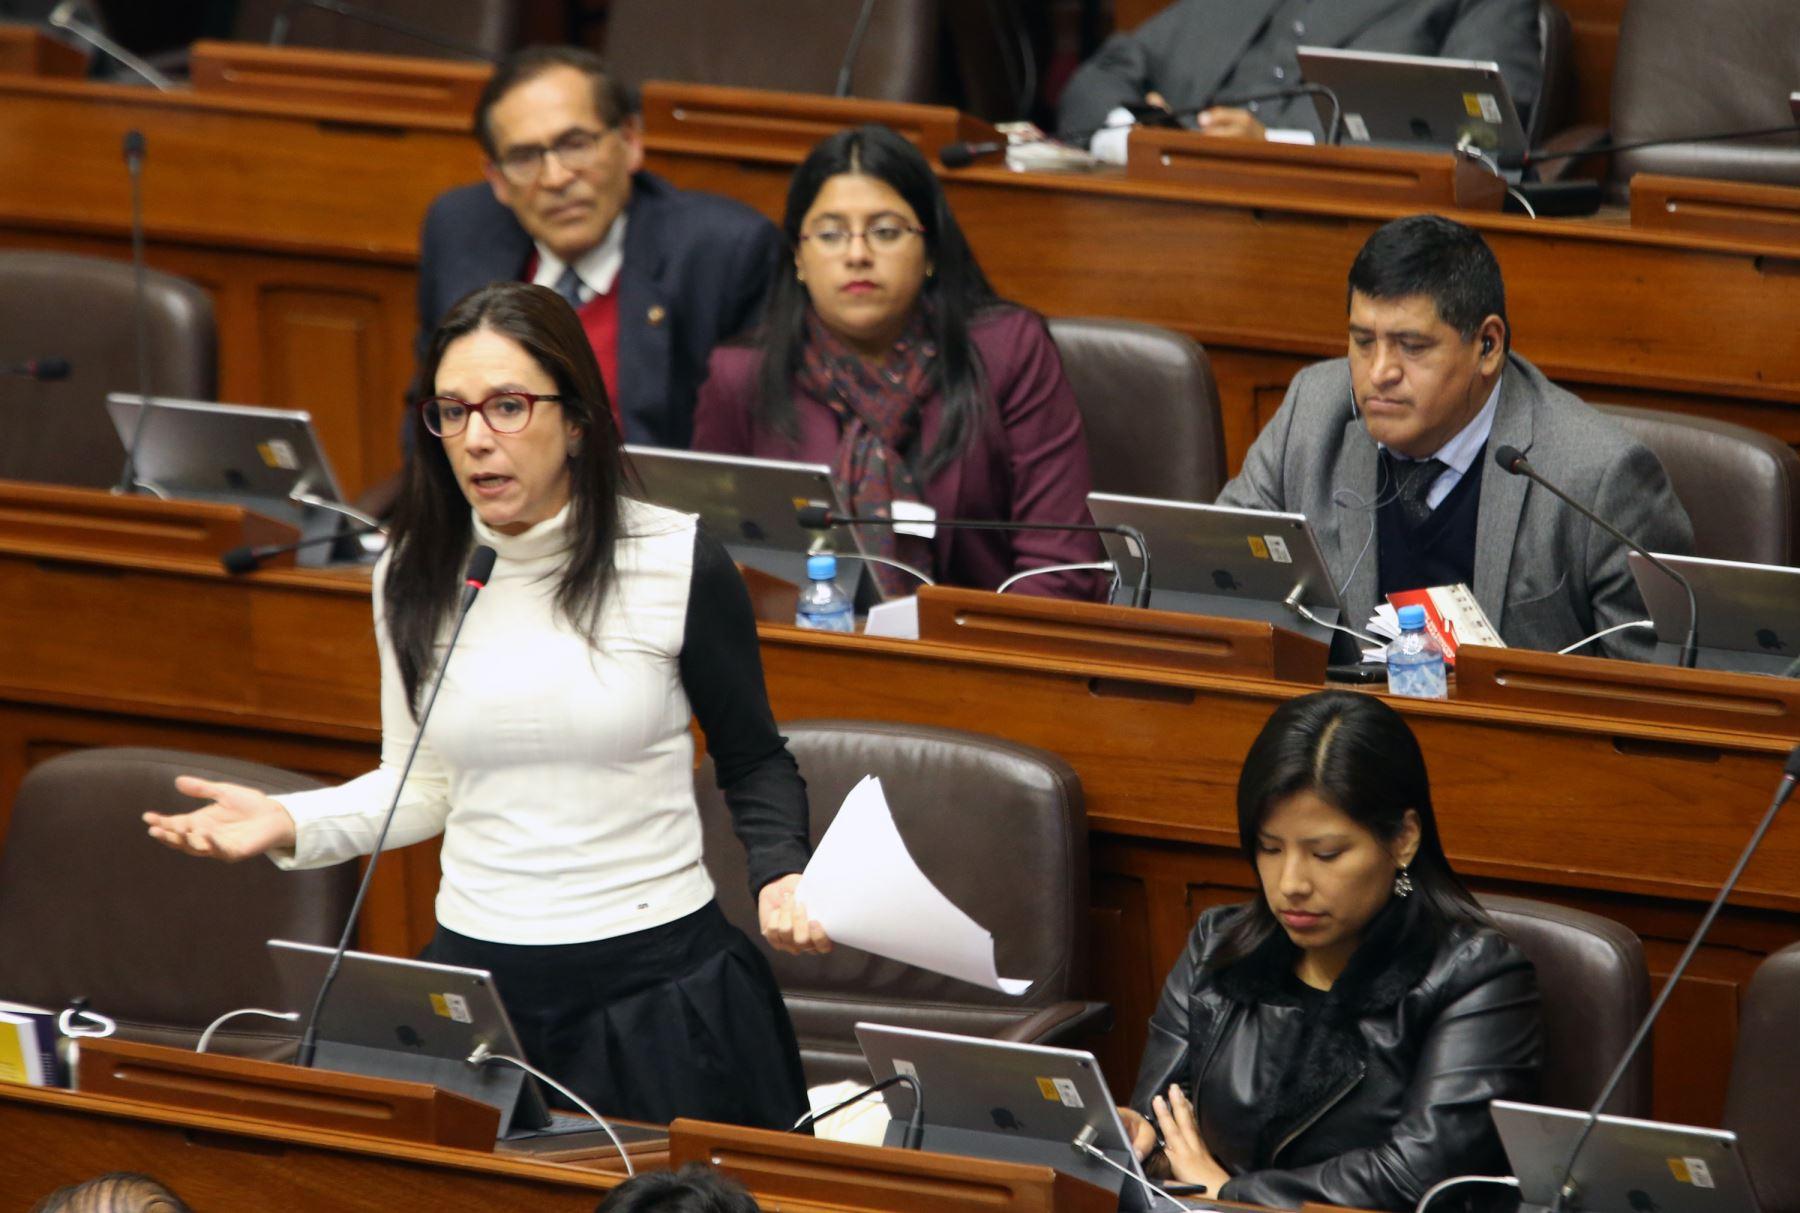 Congresista Marisa Glave participa en  el pleno del Congreso que  debate los proyectos de reforma política presentadas por el Poder Ejecutivo.   Foto: ANDINA/Norman Córdova